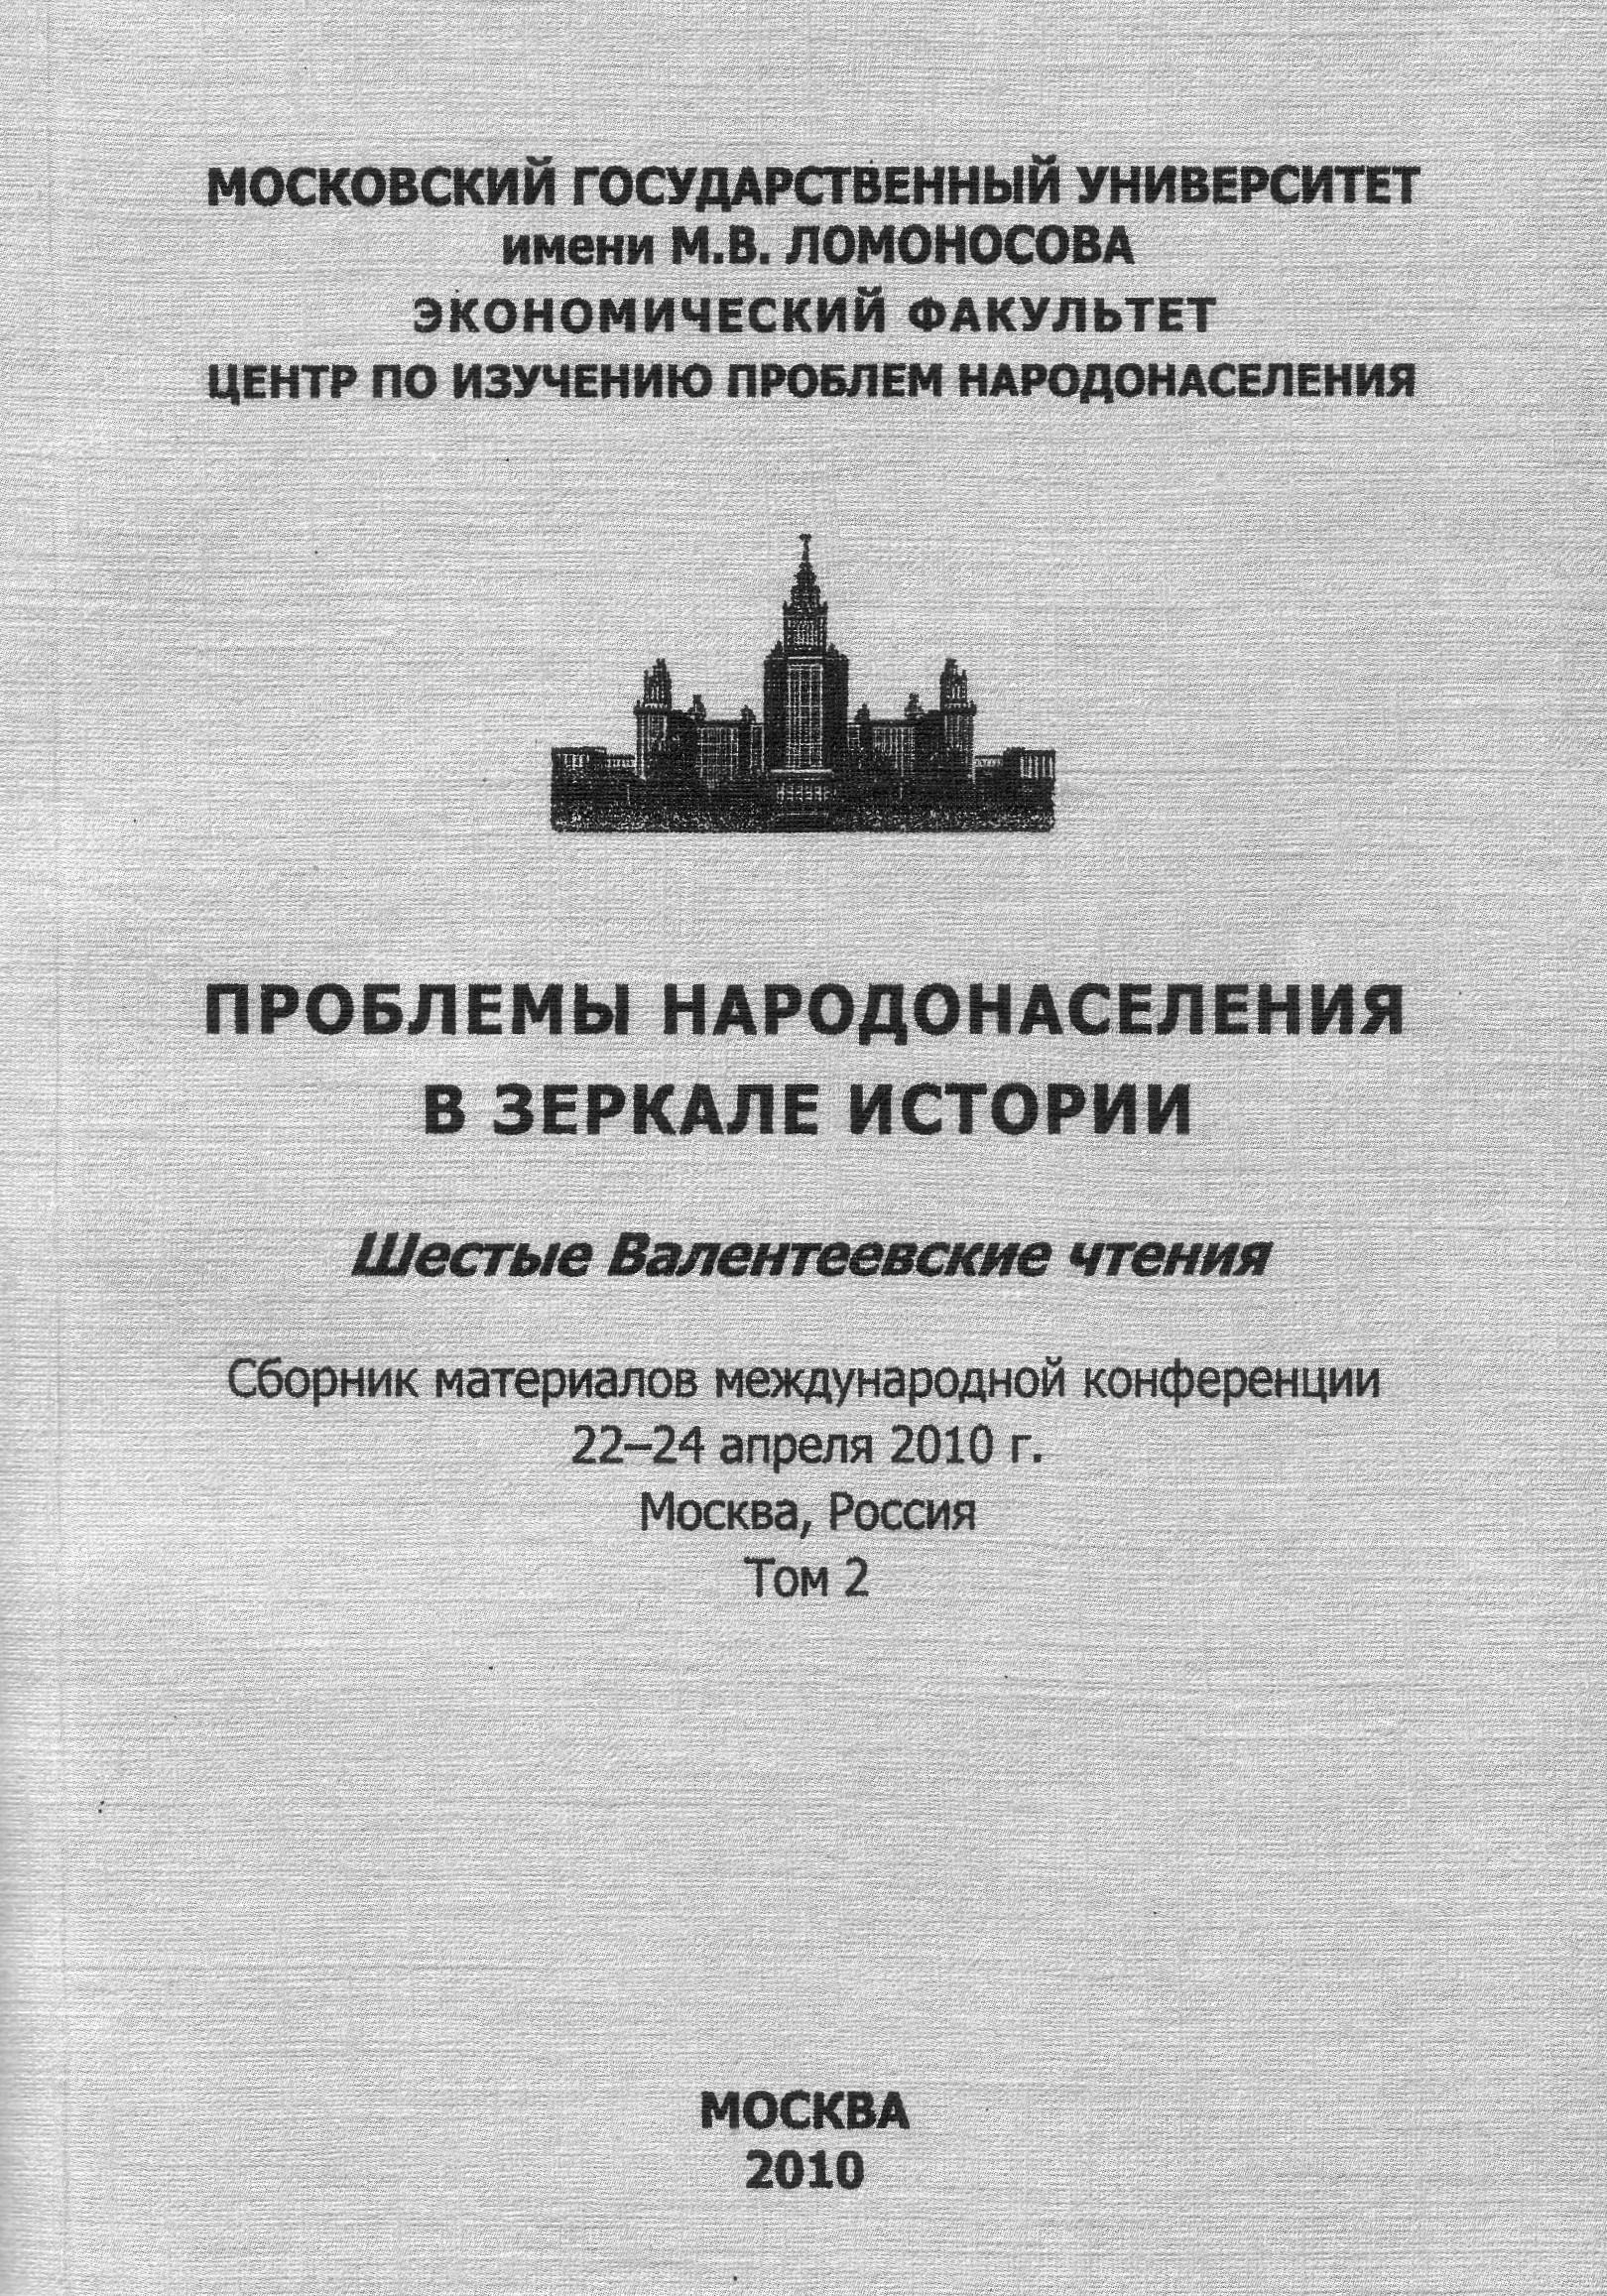 Математико-картографическое моделирование динамики и региональной дифференциации демографических показателей России на микроуровне за последние 150 лет